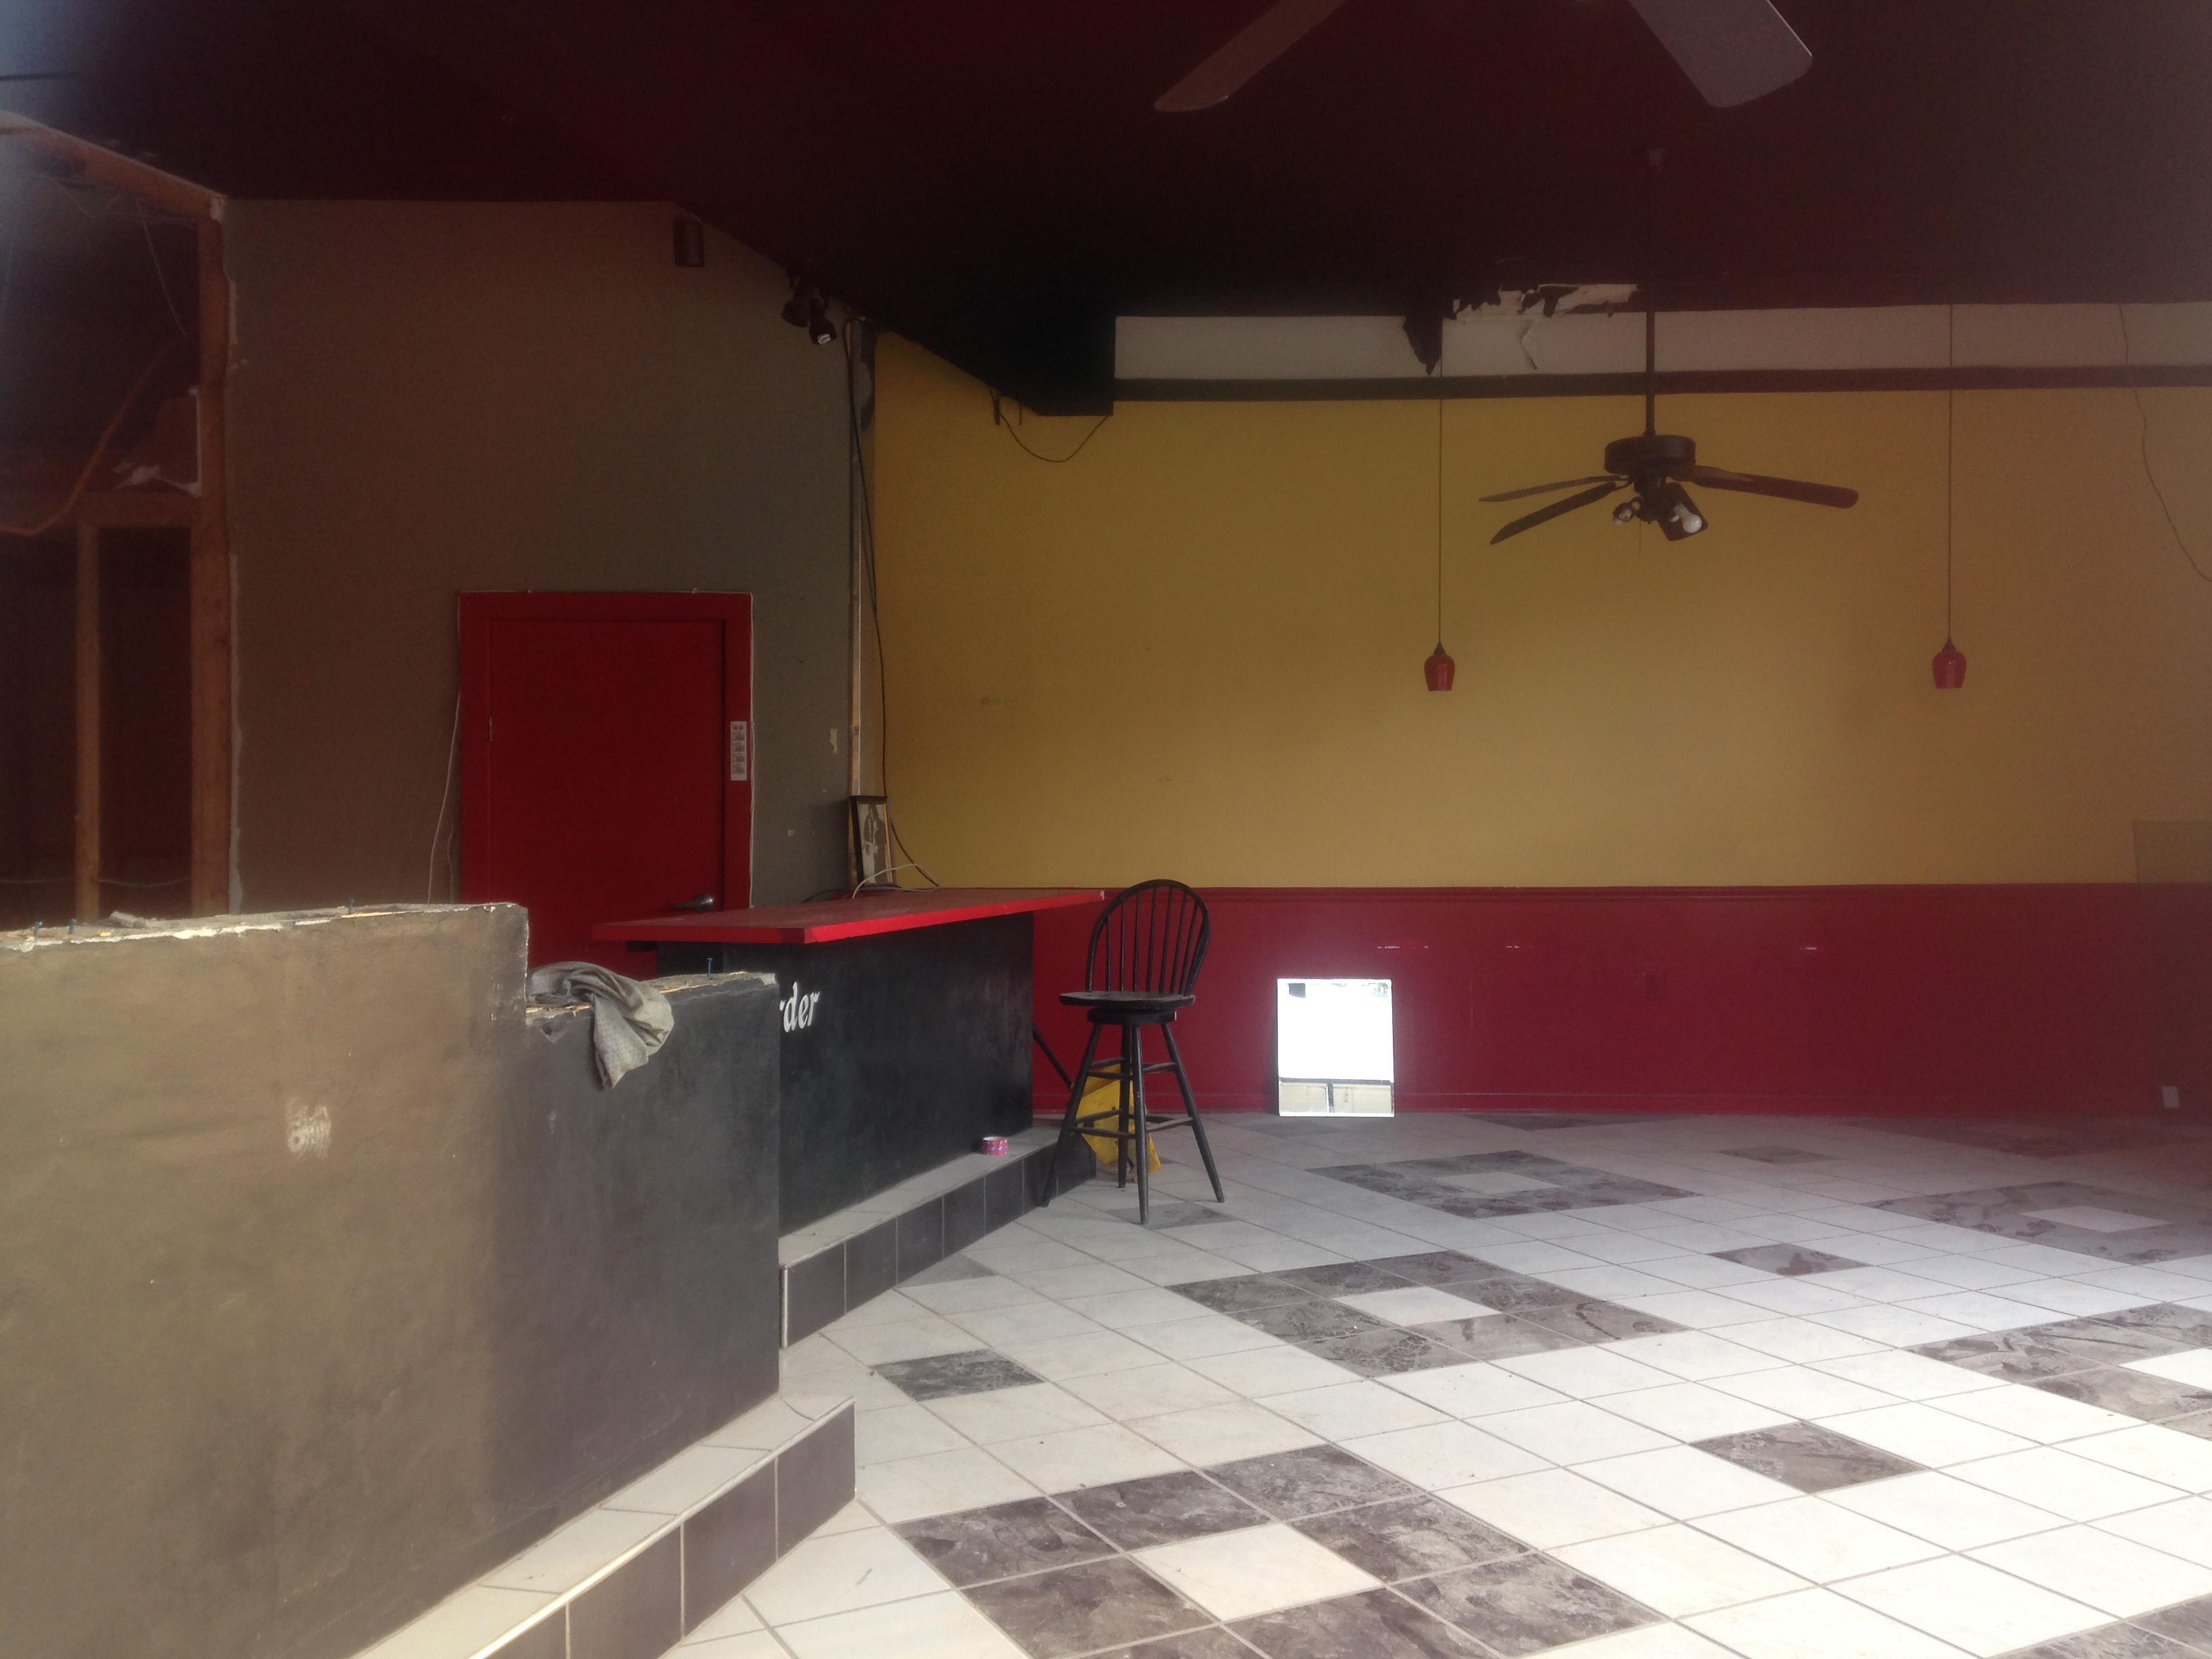 Zappo's Interior